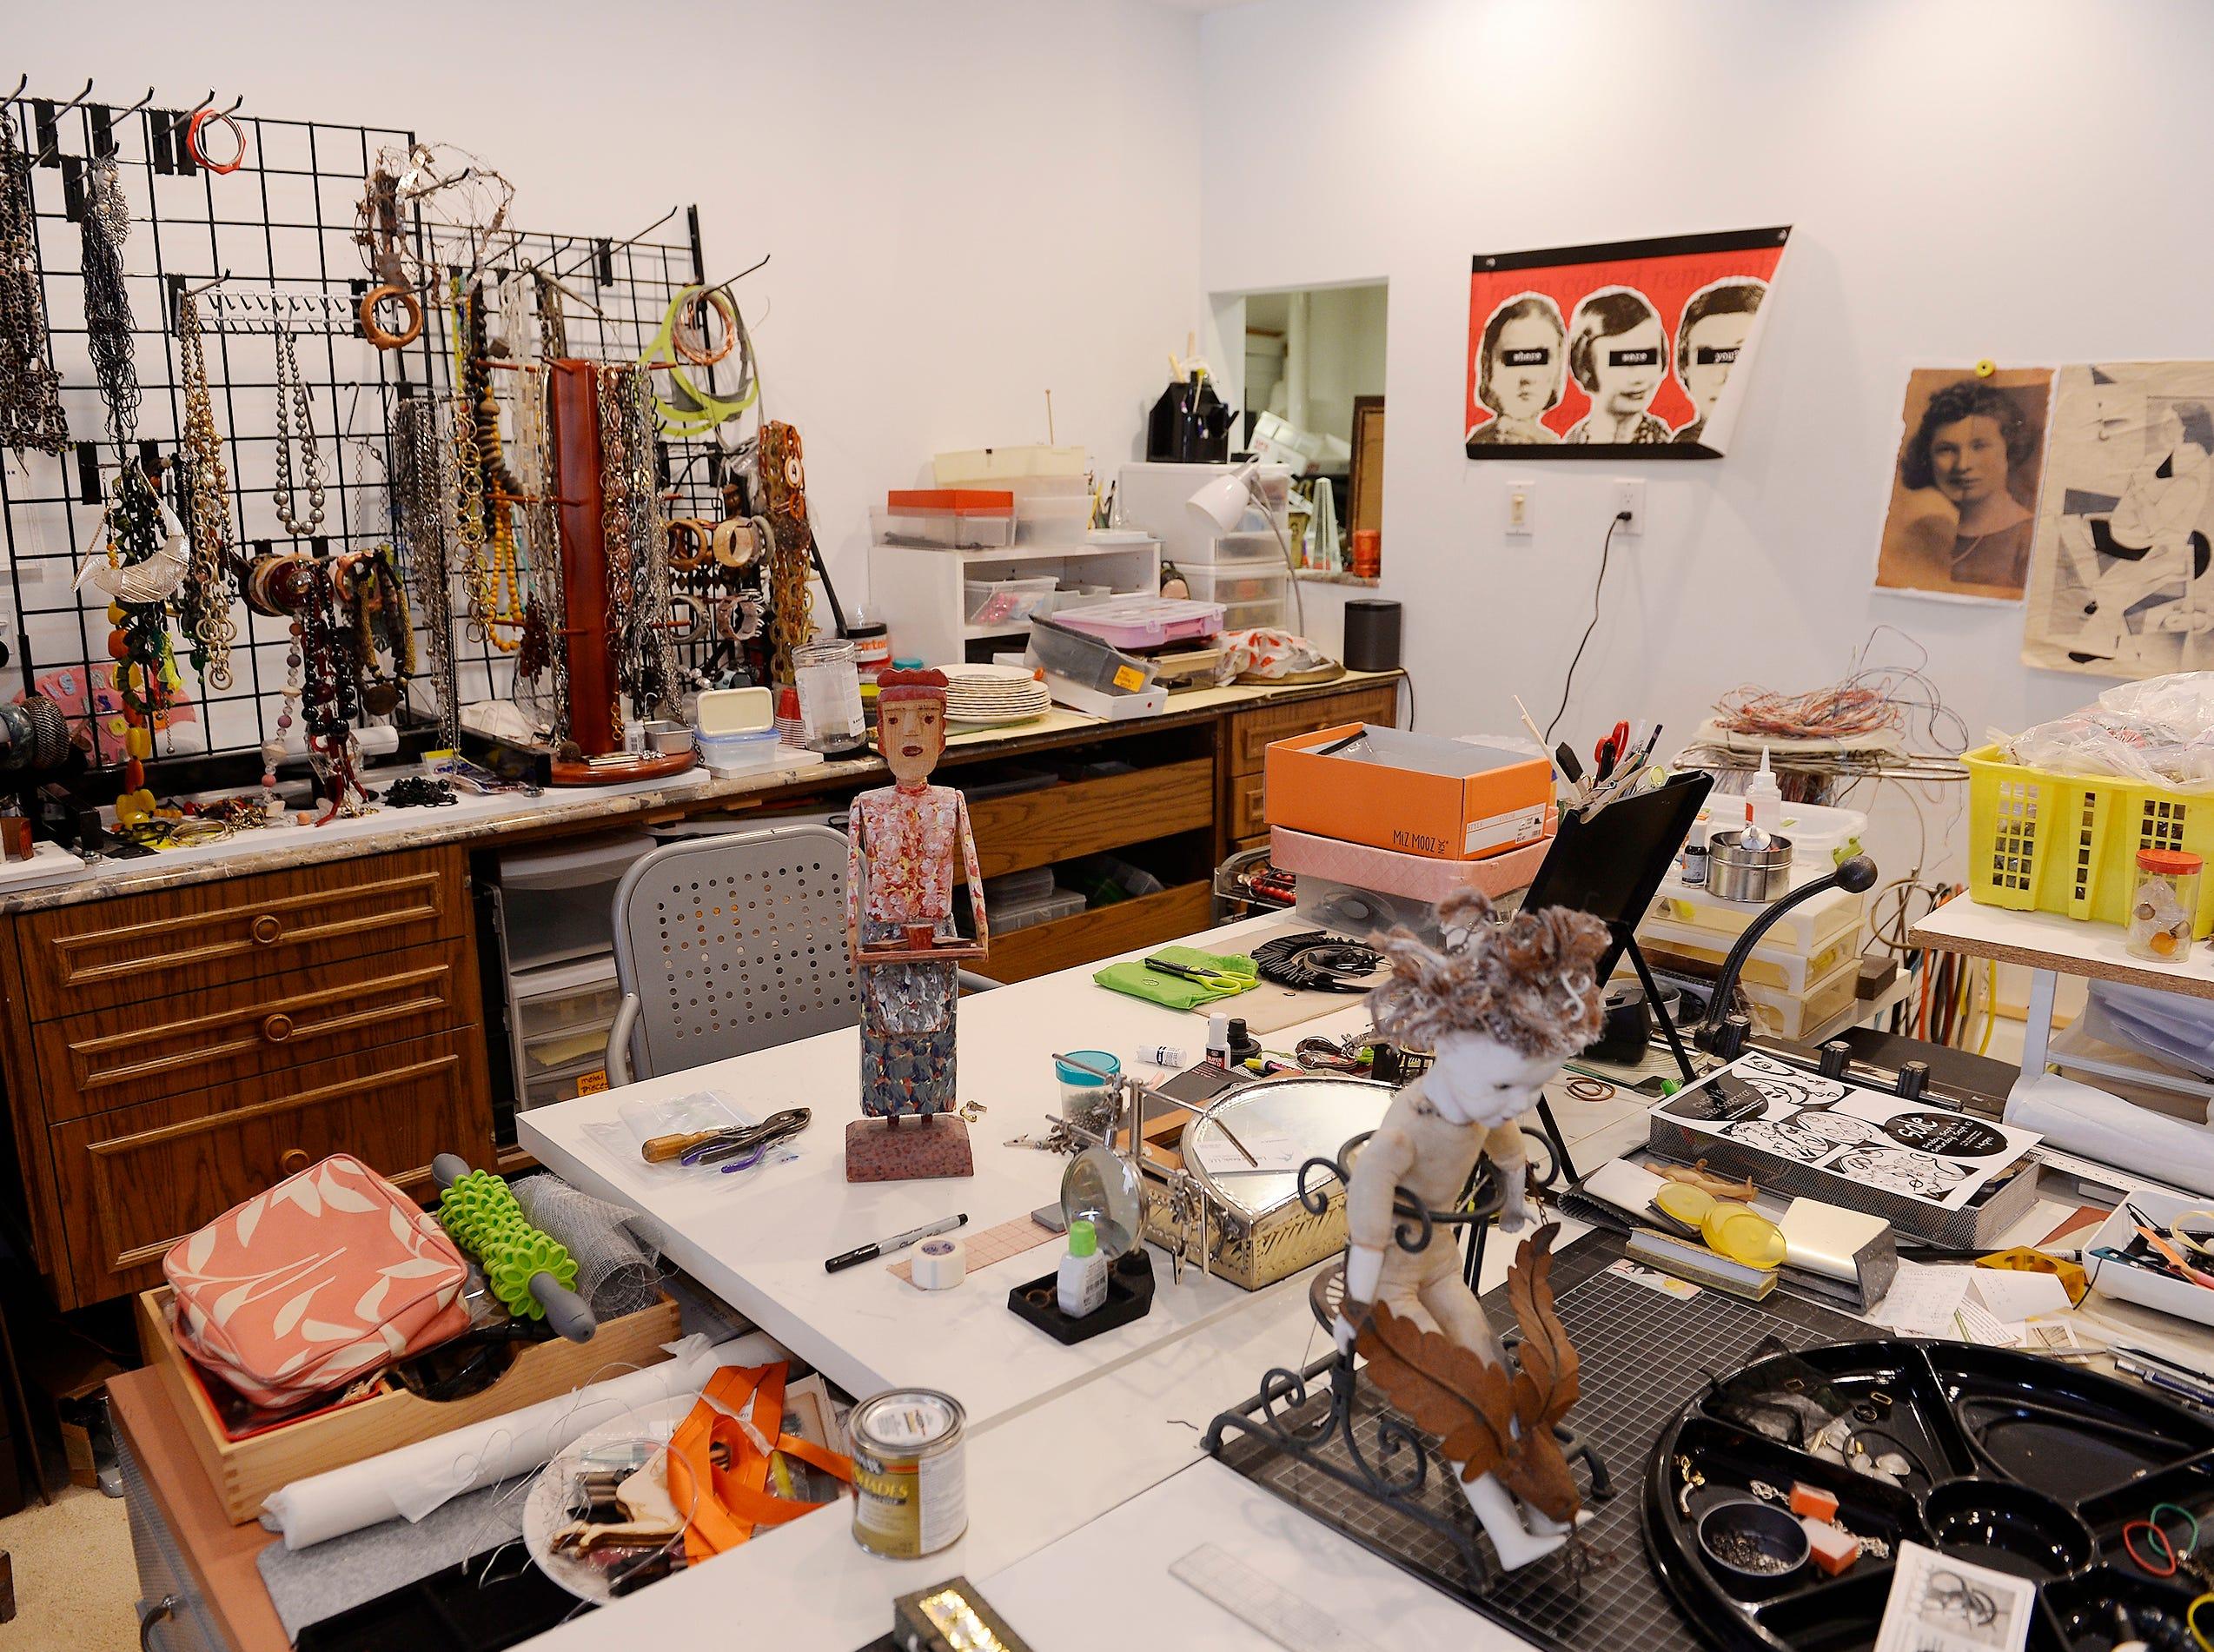 Linda's studio in the basement of her home.